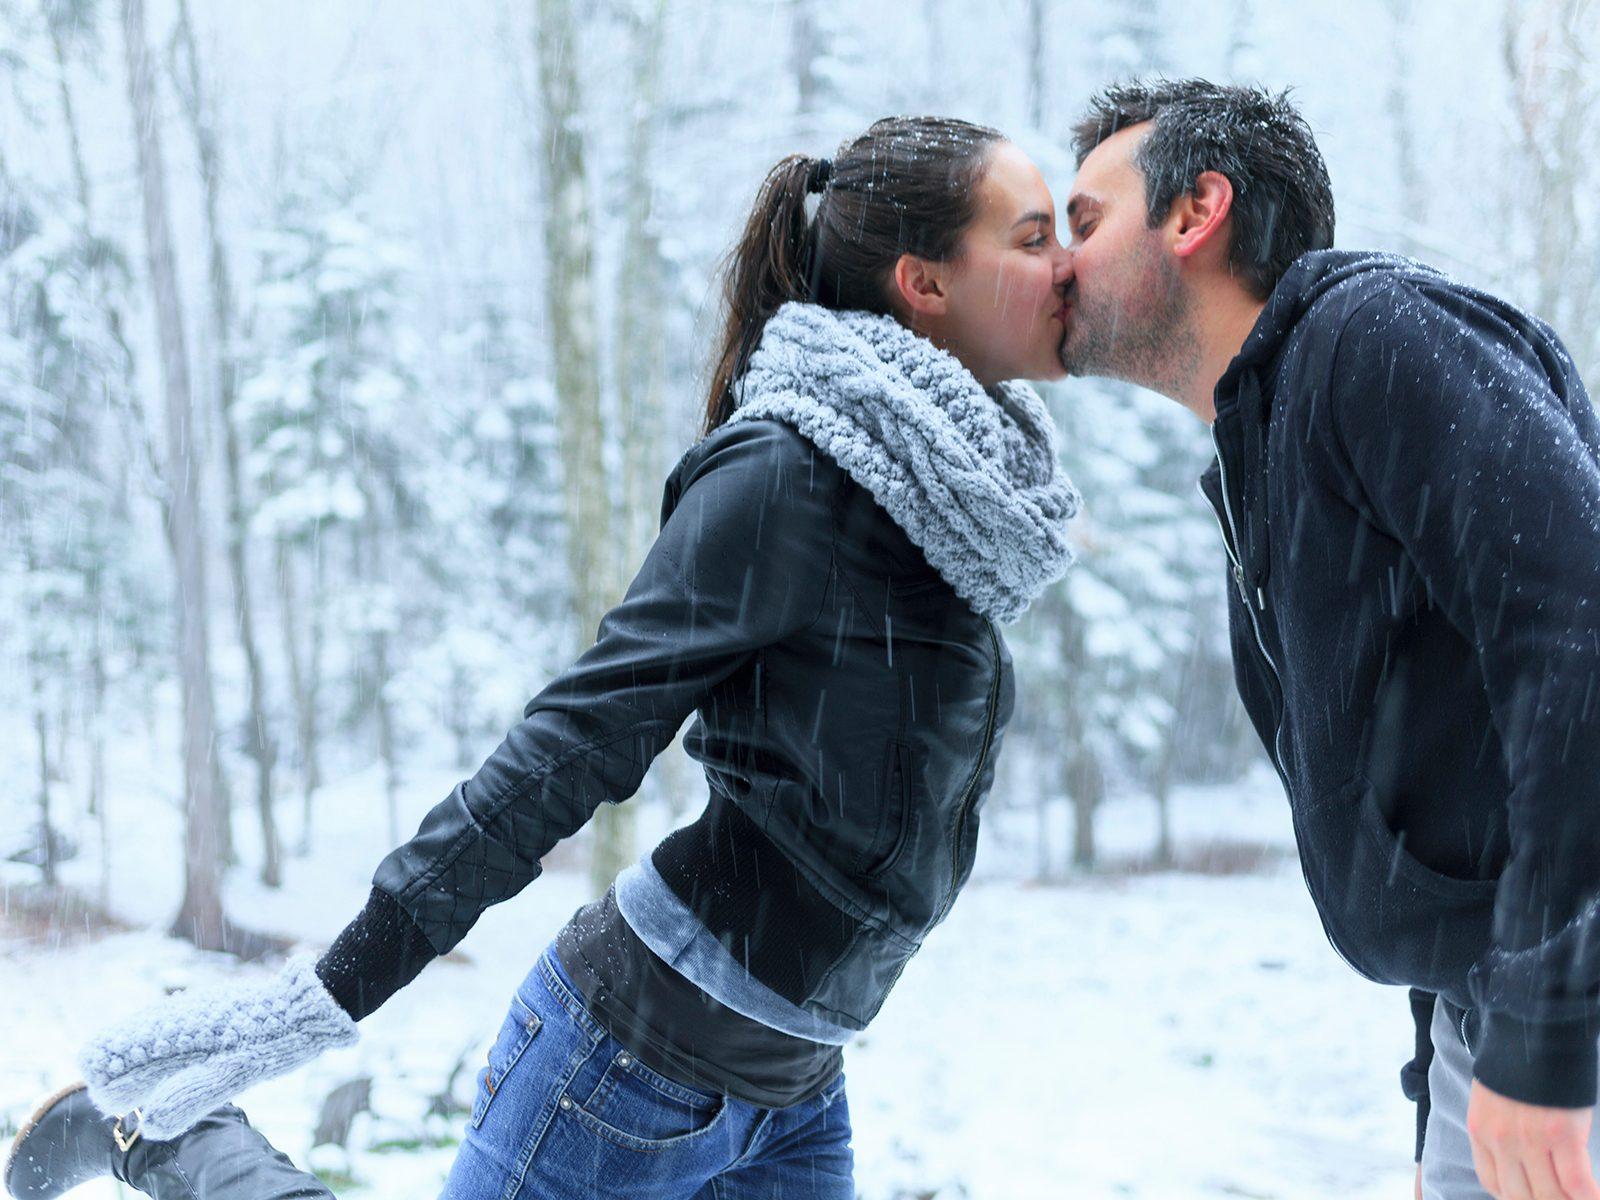 7. Keep on kissing